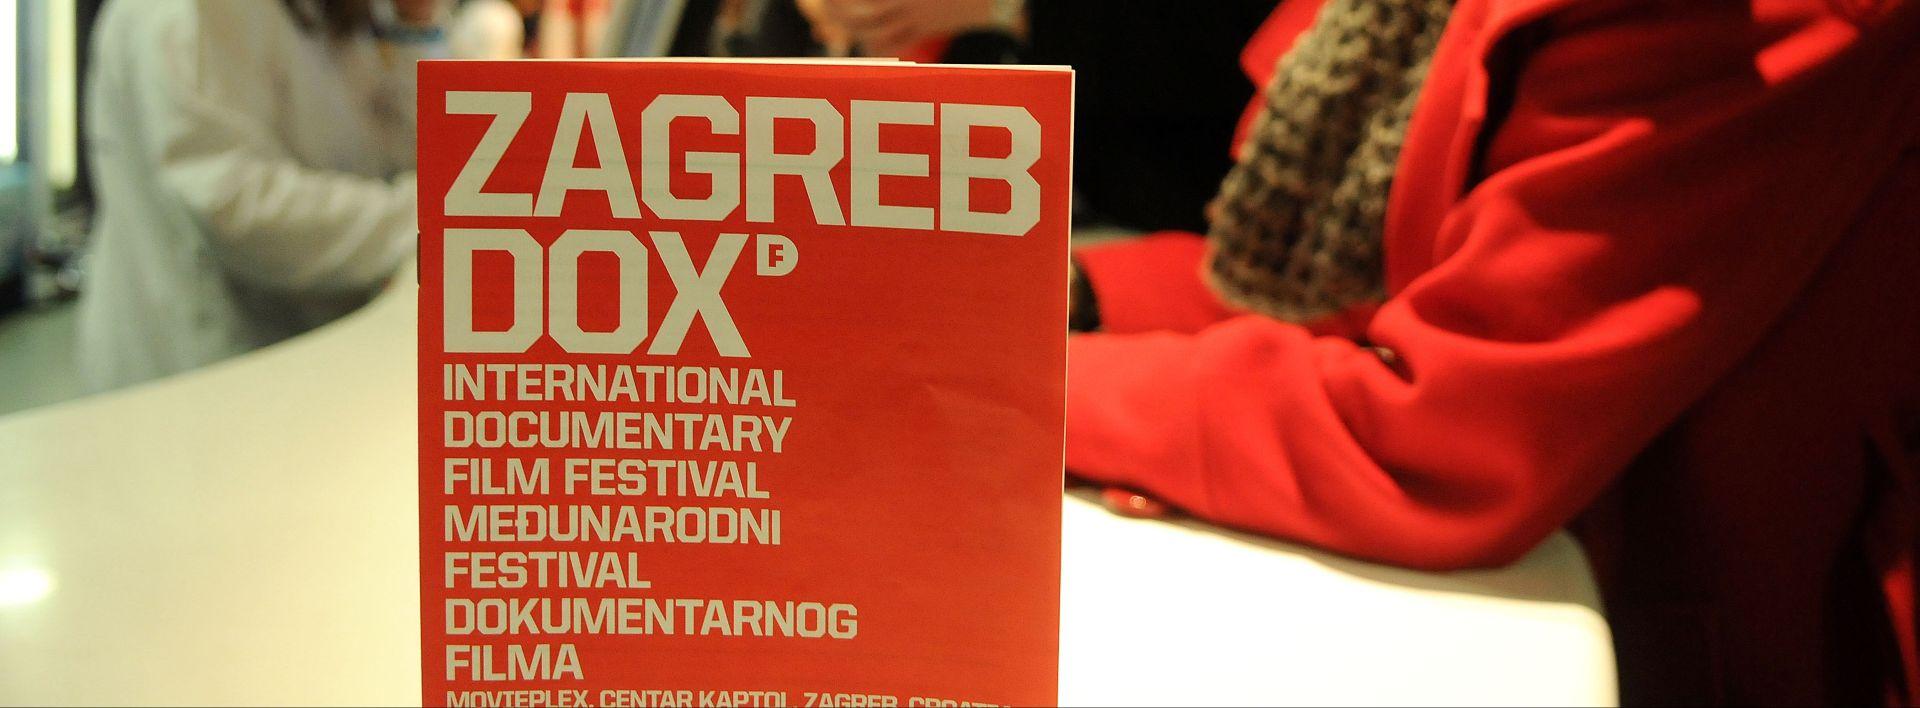 ZagrebDox: Gandini i Kirtadze gosti festivala